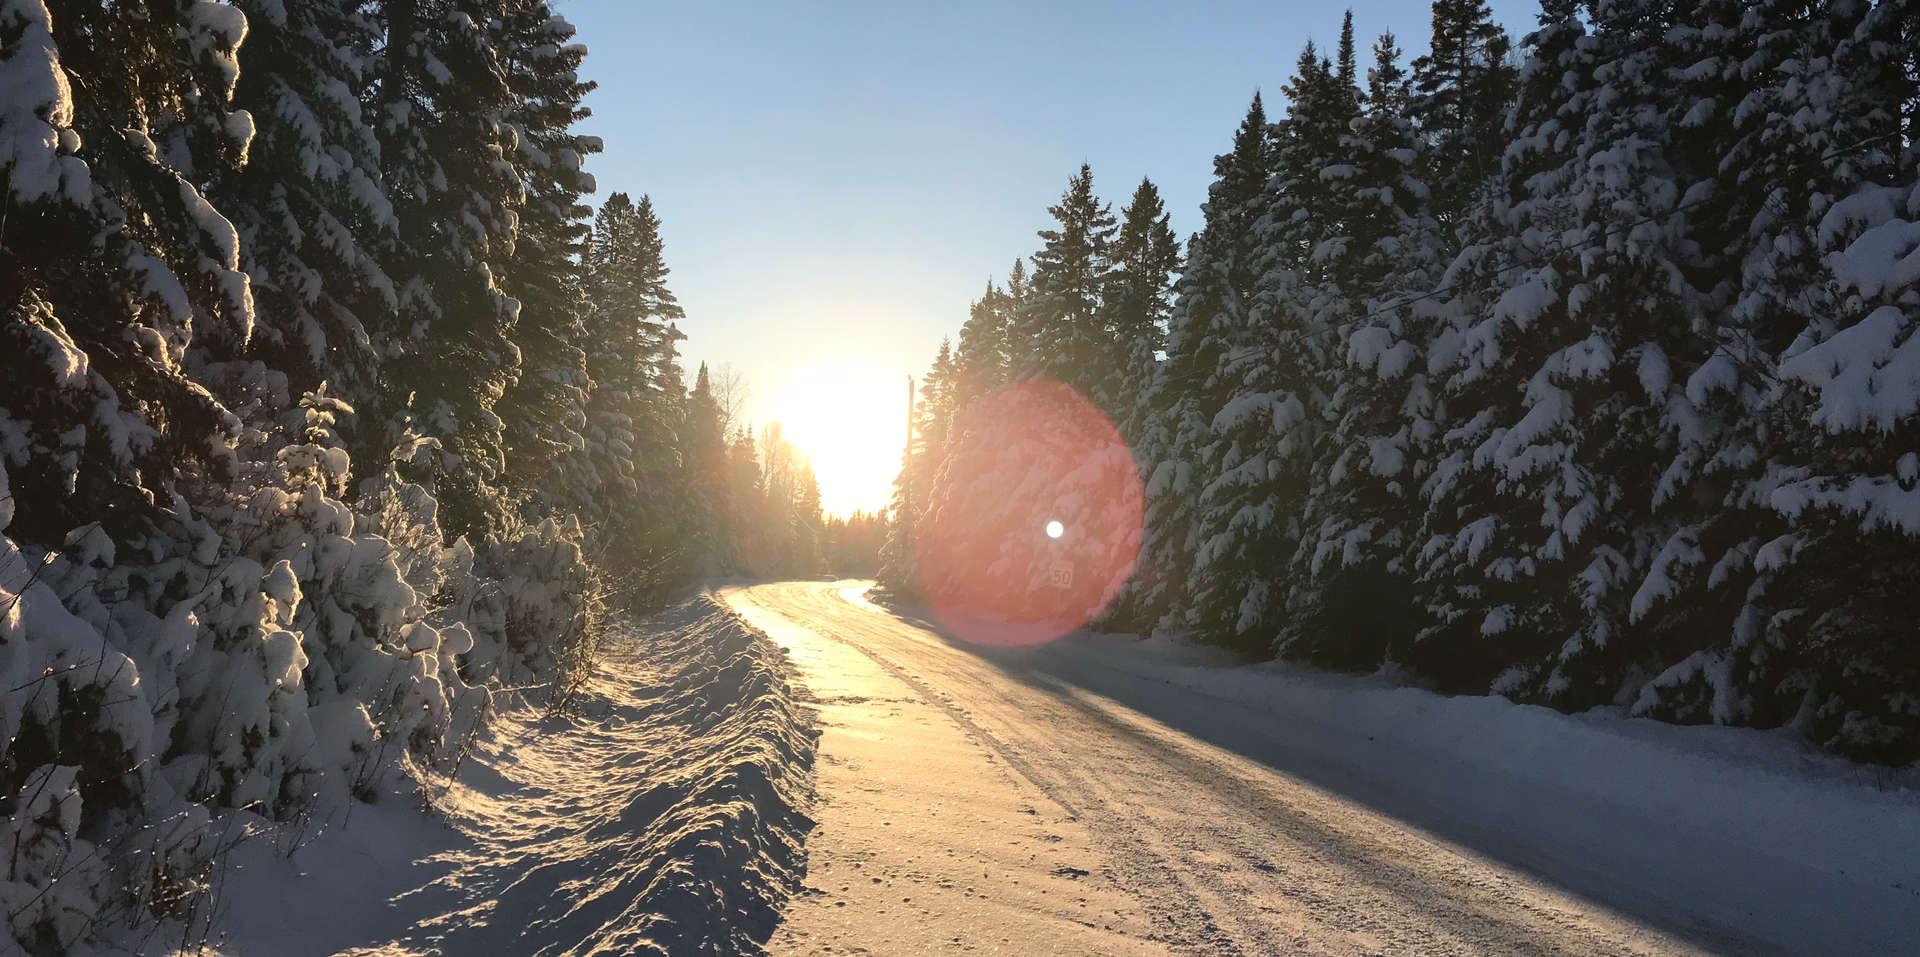 Chalet à louer au Québec   face au lac   4 saisons Le Cocooning L'Ascension   Promenade en hiver